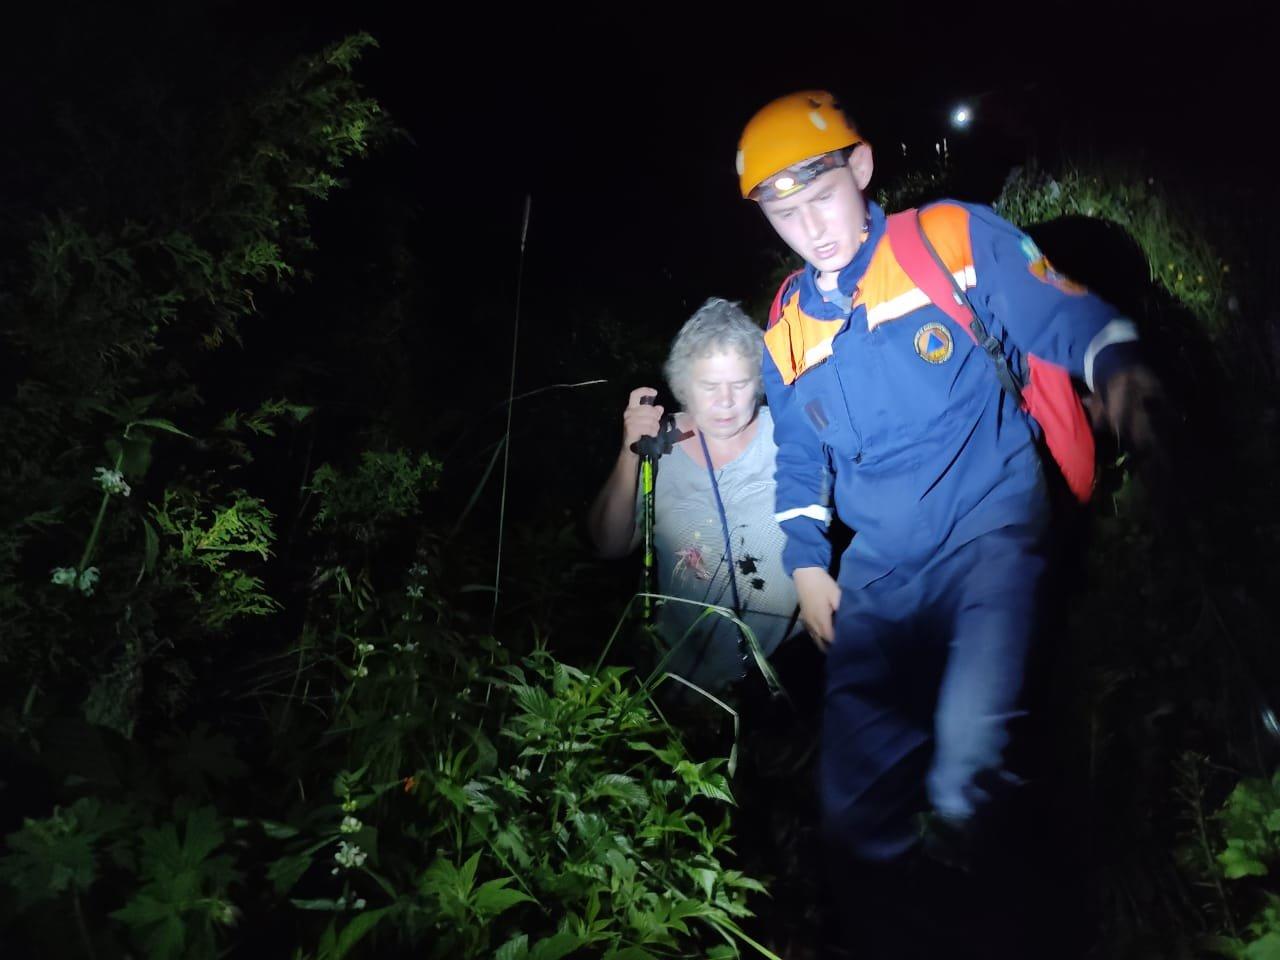 Четверых заблудившихся туристов спасли в горах Алматы, фото-2, РОСО МЧС РК